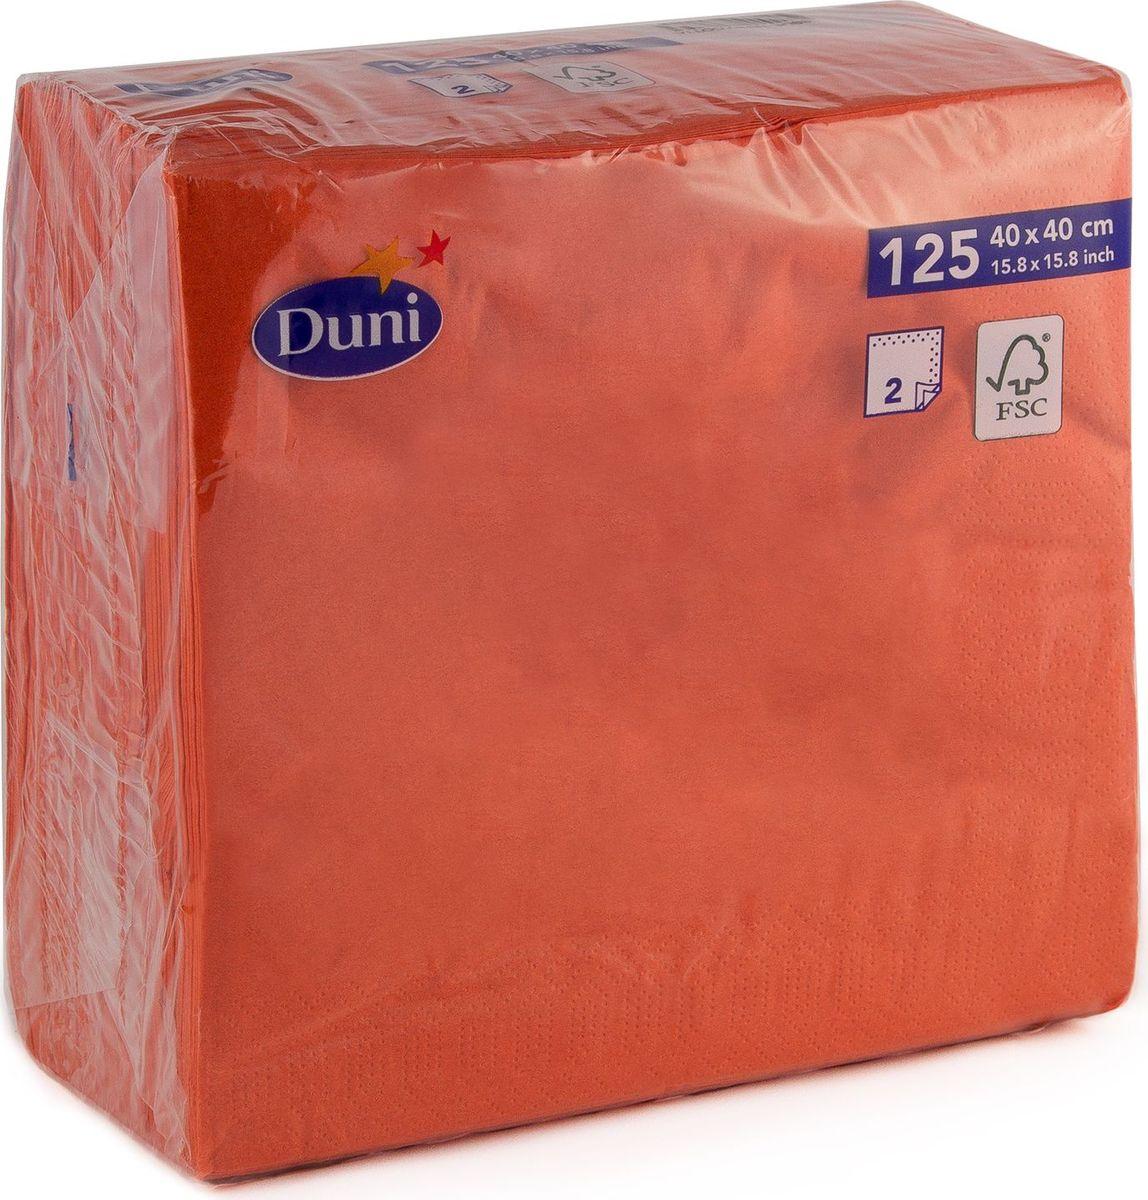 Салфетки бумажные Duni, 2-слойные, цвет: красный, 40 см салфетки бумажные круглые 3 слойные 12 шт ассорти